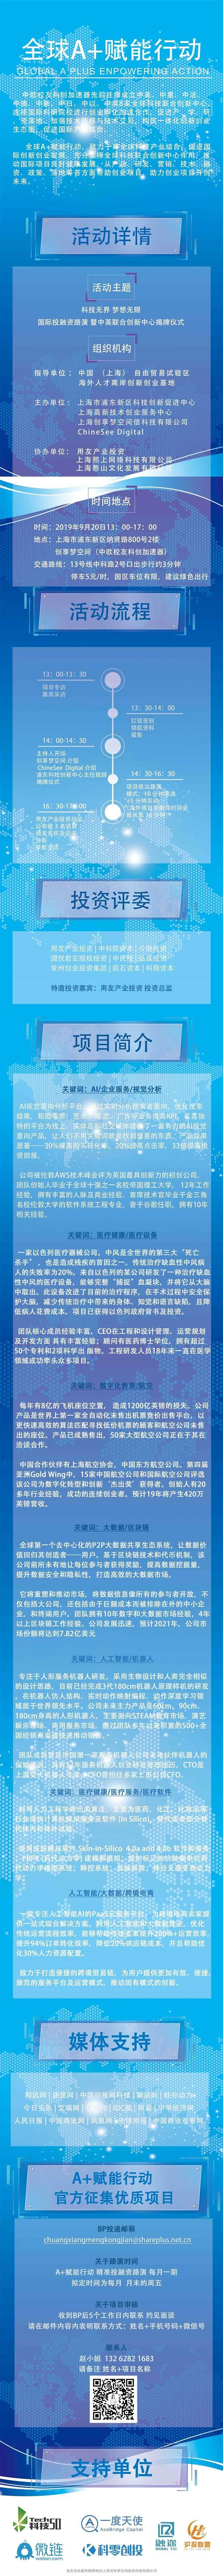 宣传长图.jpg